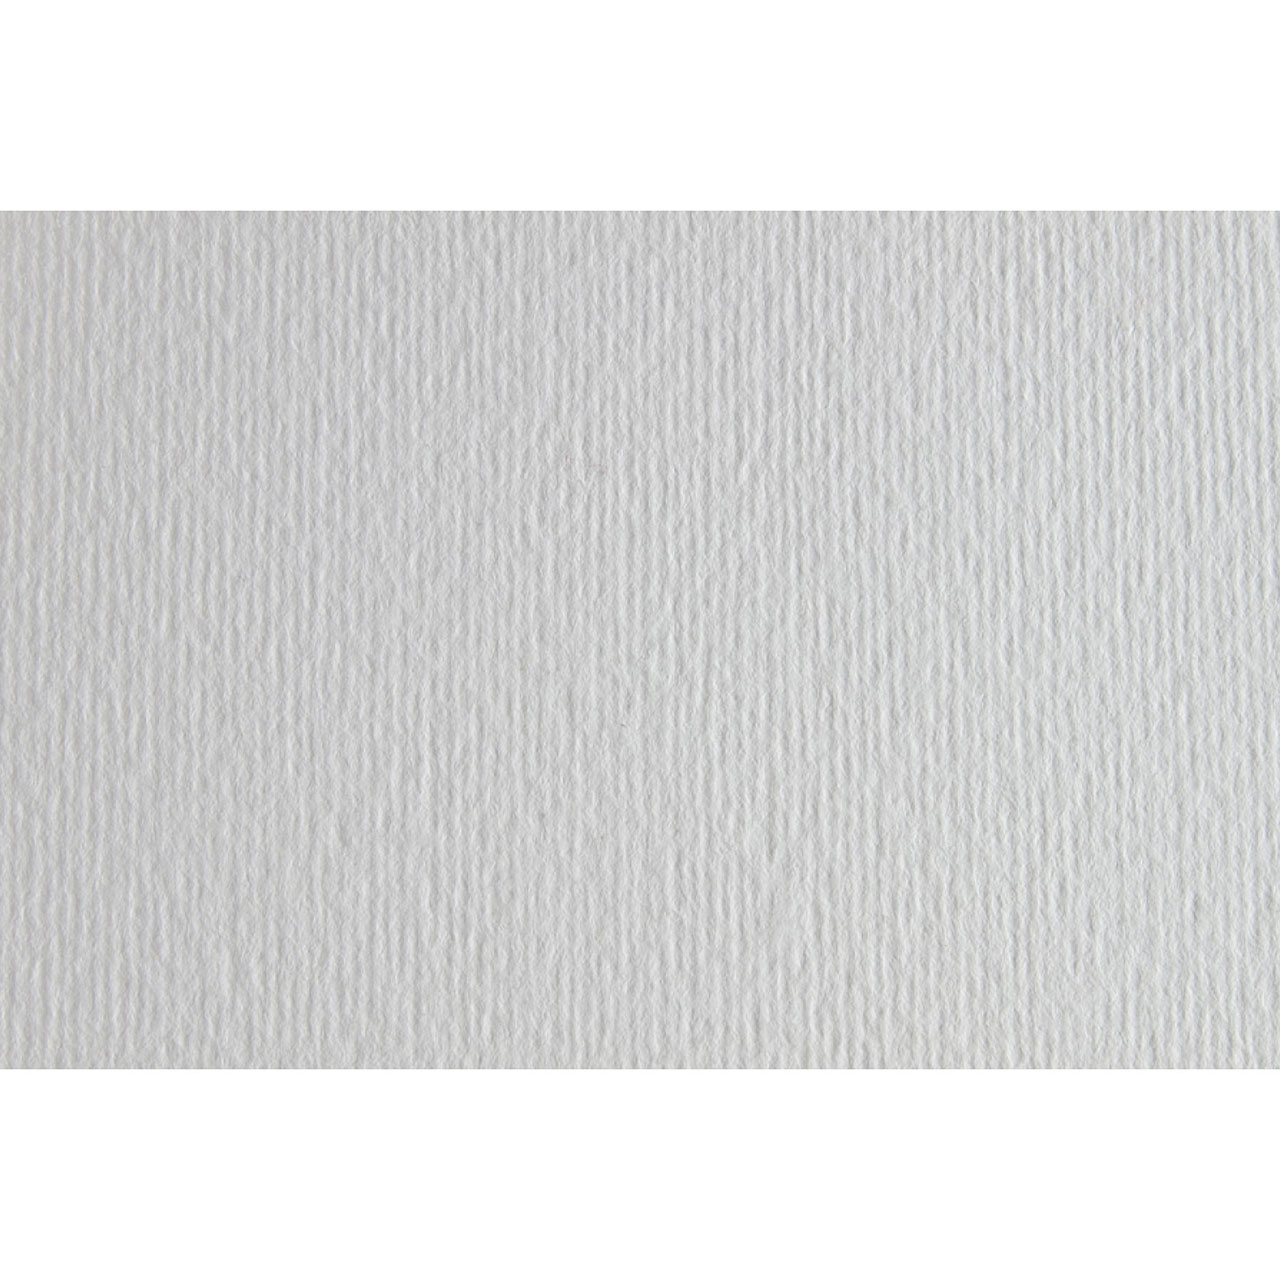 مقوا فابریانو کد 100سایز 21×29.7 سانتی متر بسته 10 عددی